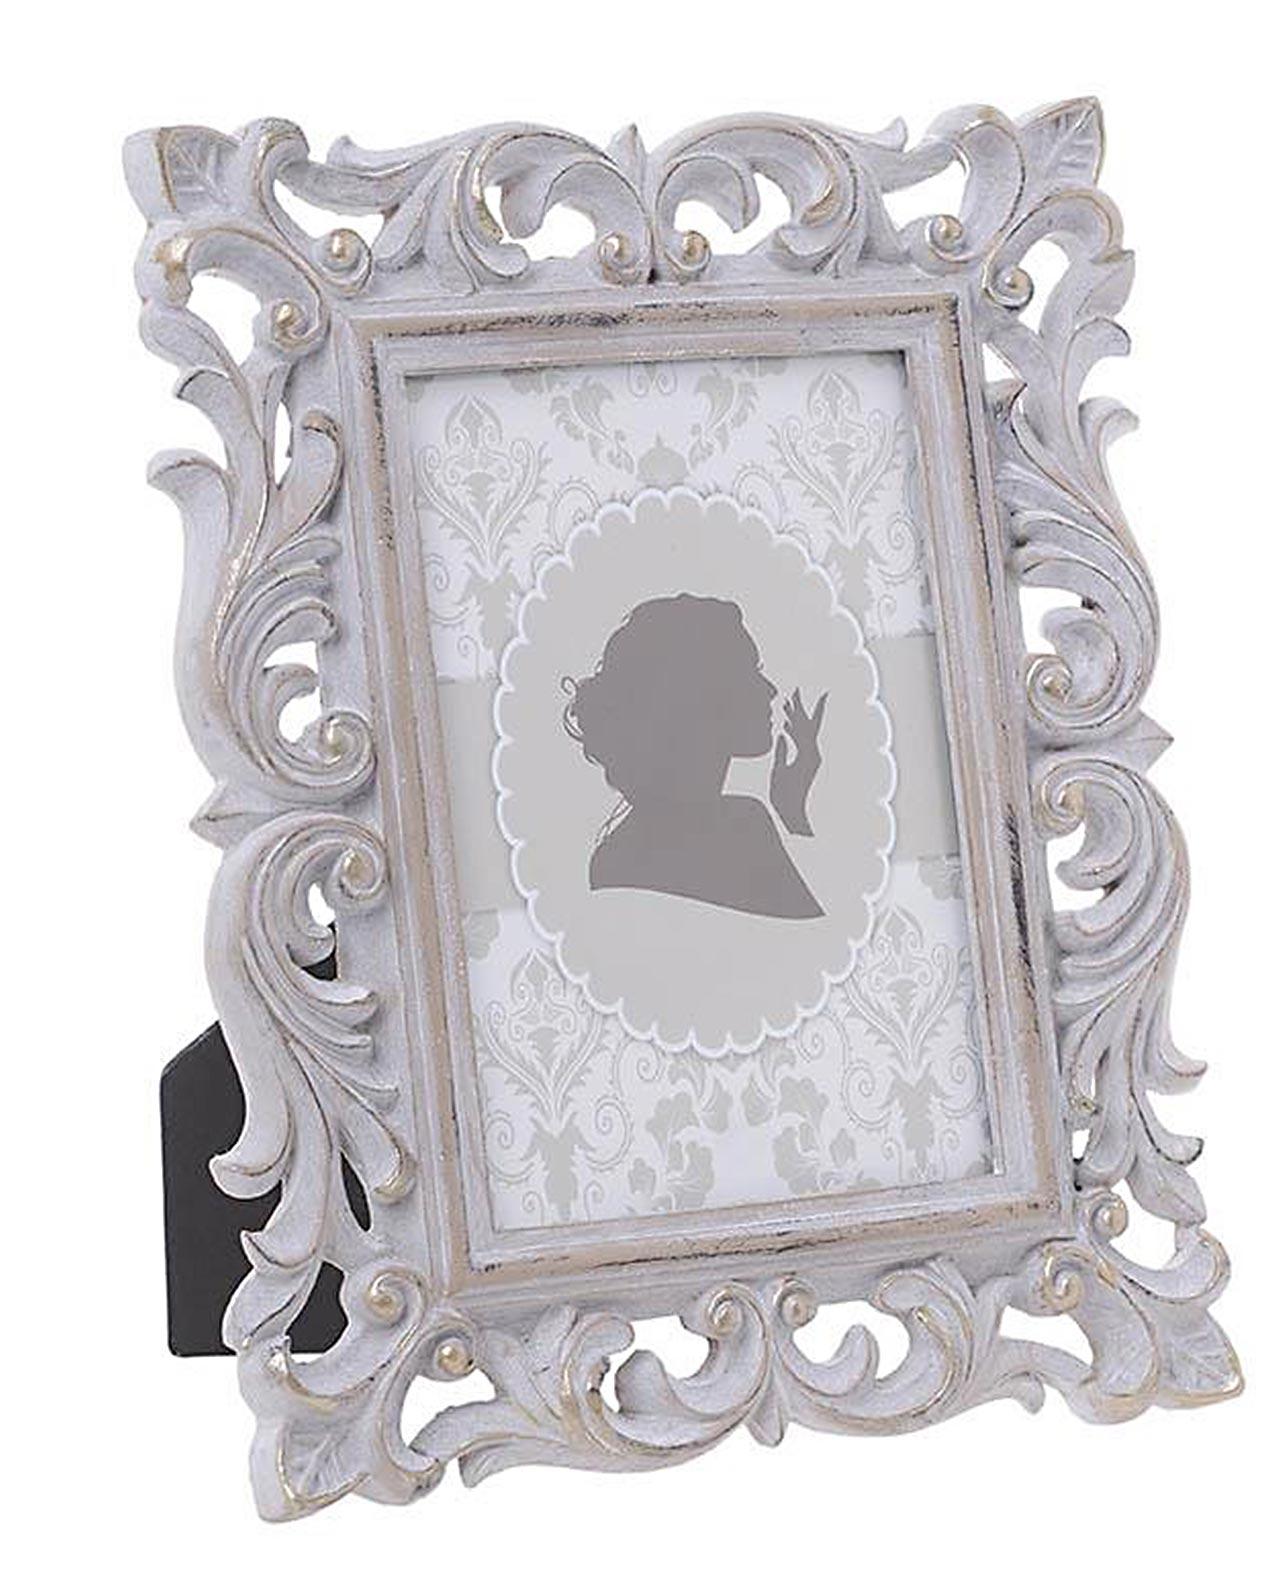 Cornice portafoto da tavolo decorata mobilia store home - Portafoto da tavolo ...